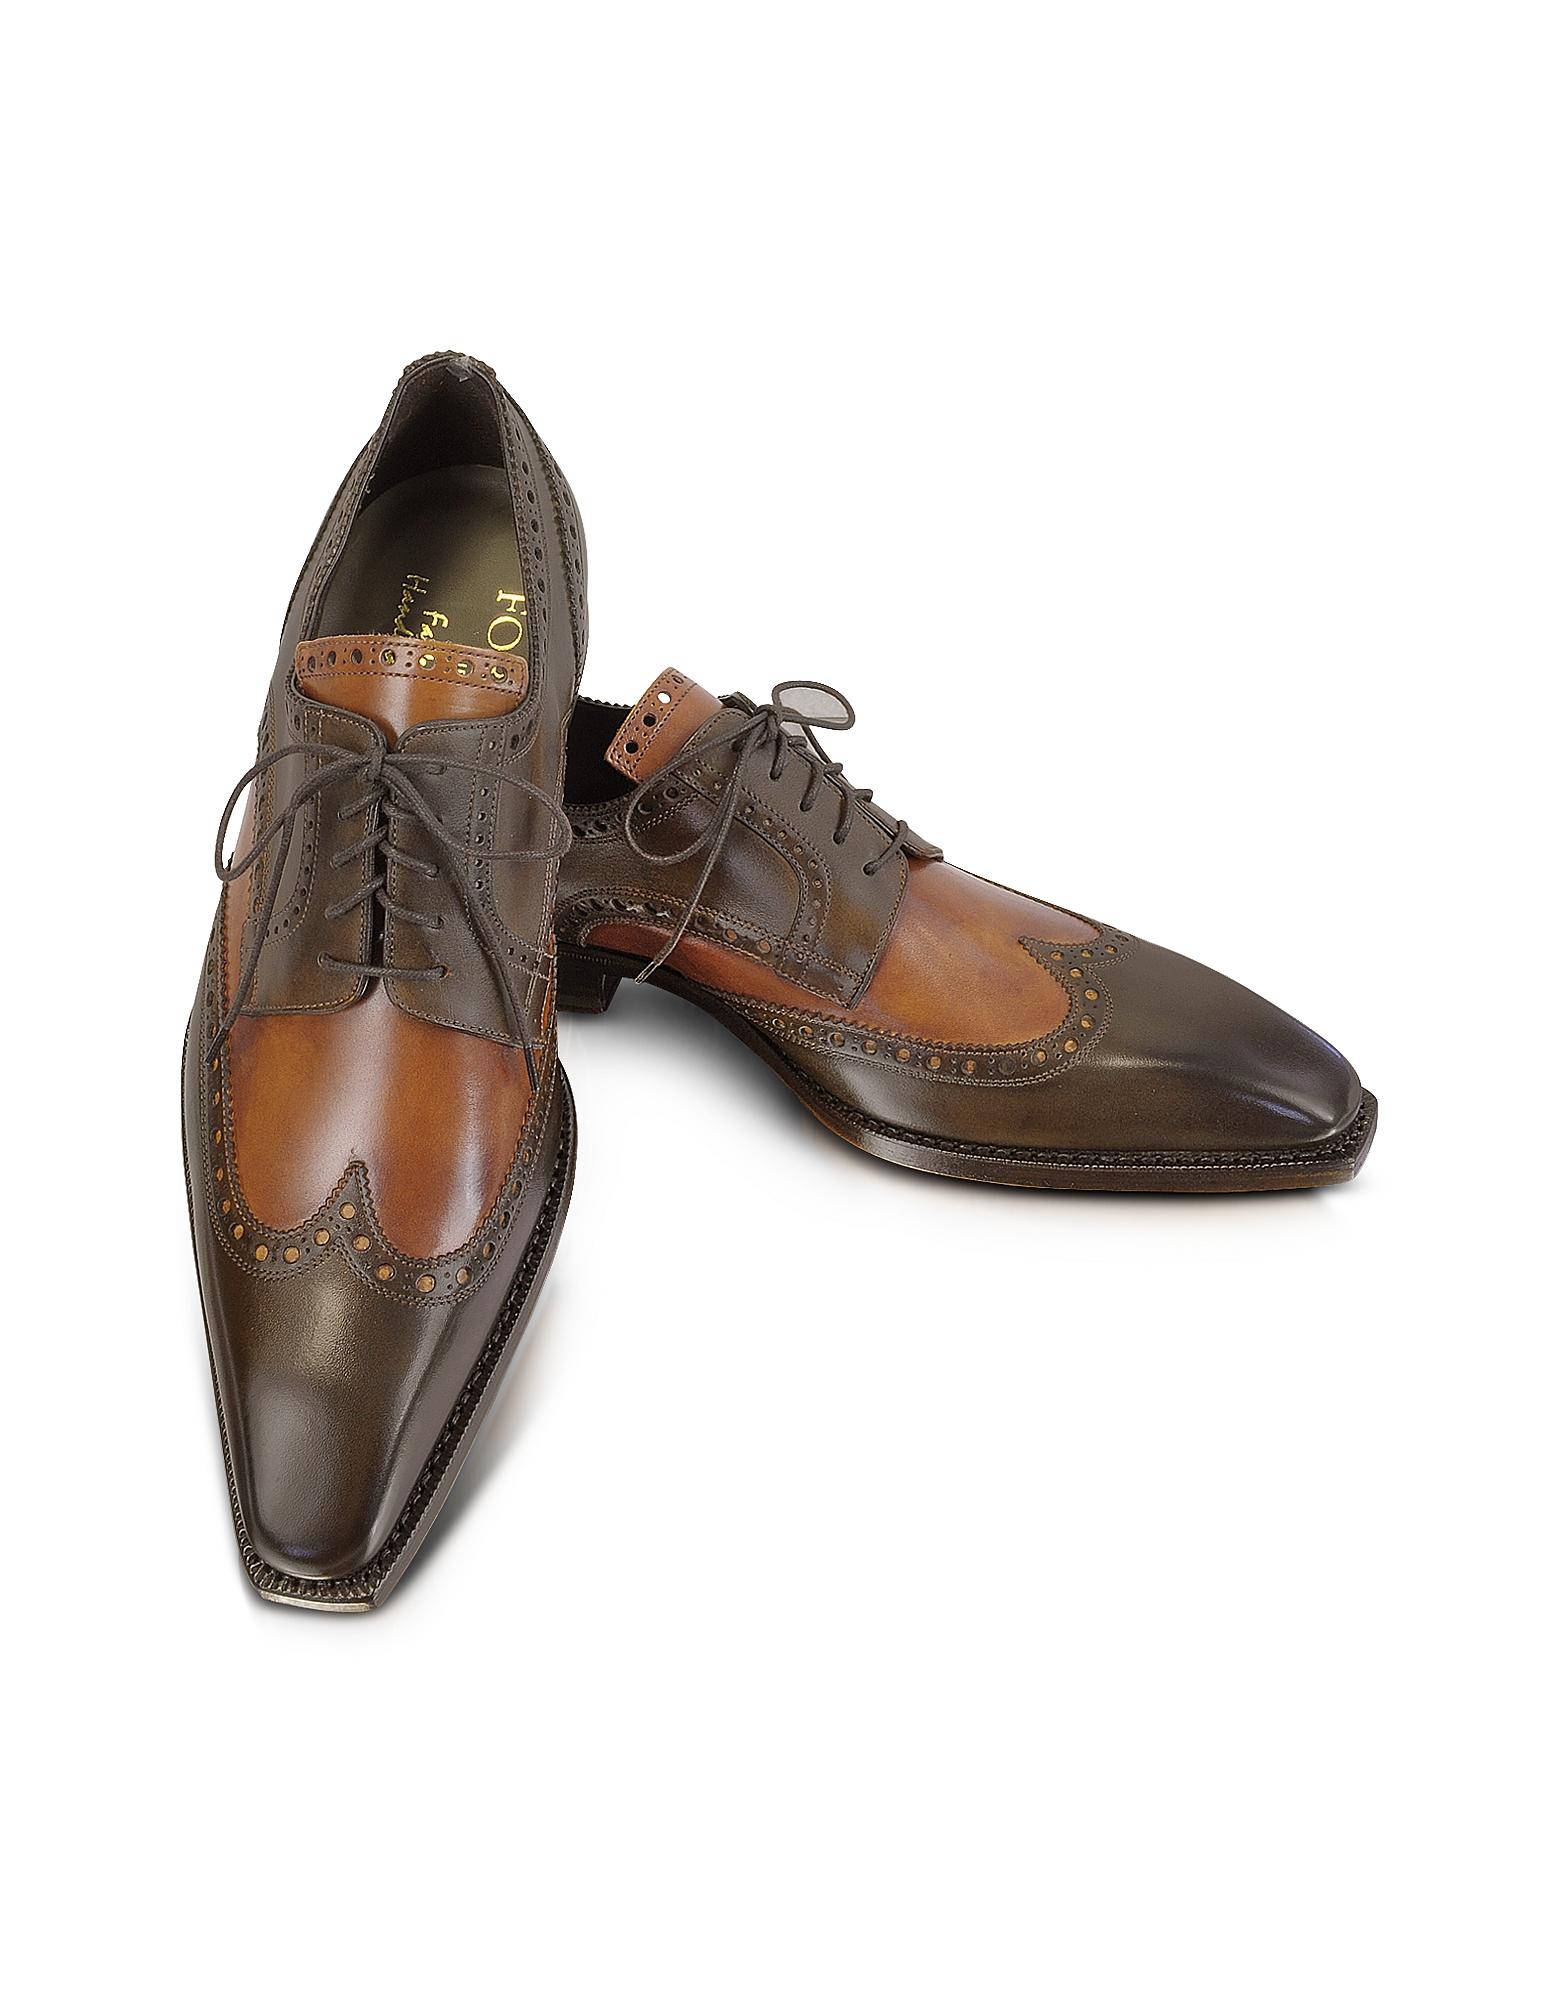 Итальянские Двухцветные Кожаные Оксфордские Туфли, Изготовленные Вручную